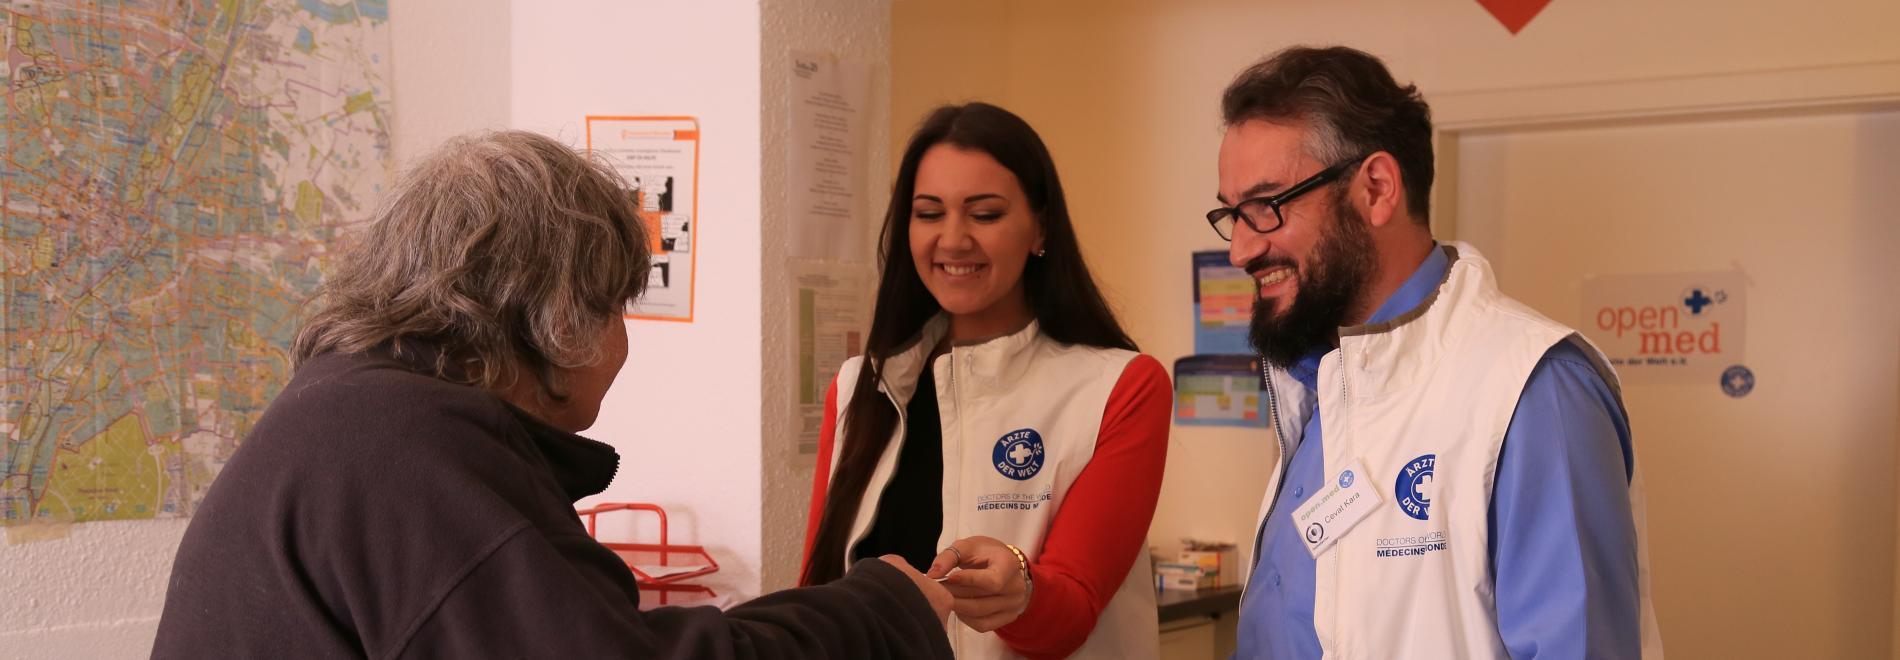 Ärzte der Welt Mitarbeiter/-in in der Münchner Praxis open.med. Foto: Mike Yousaf